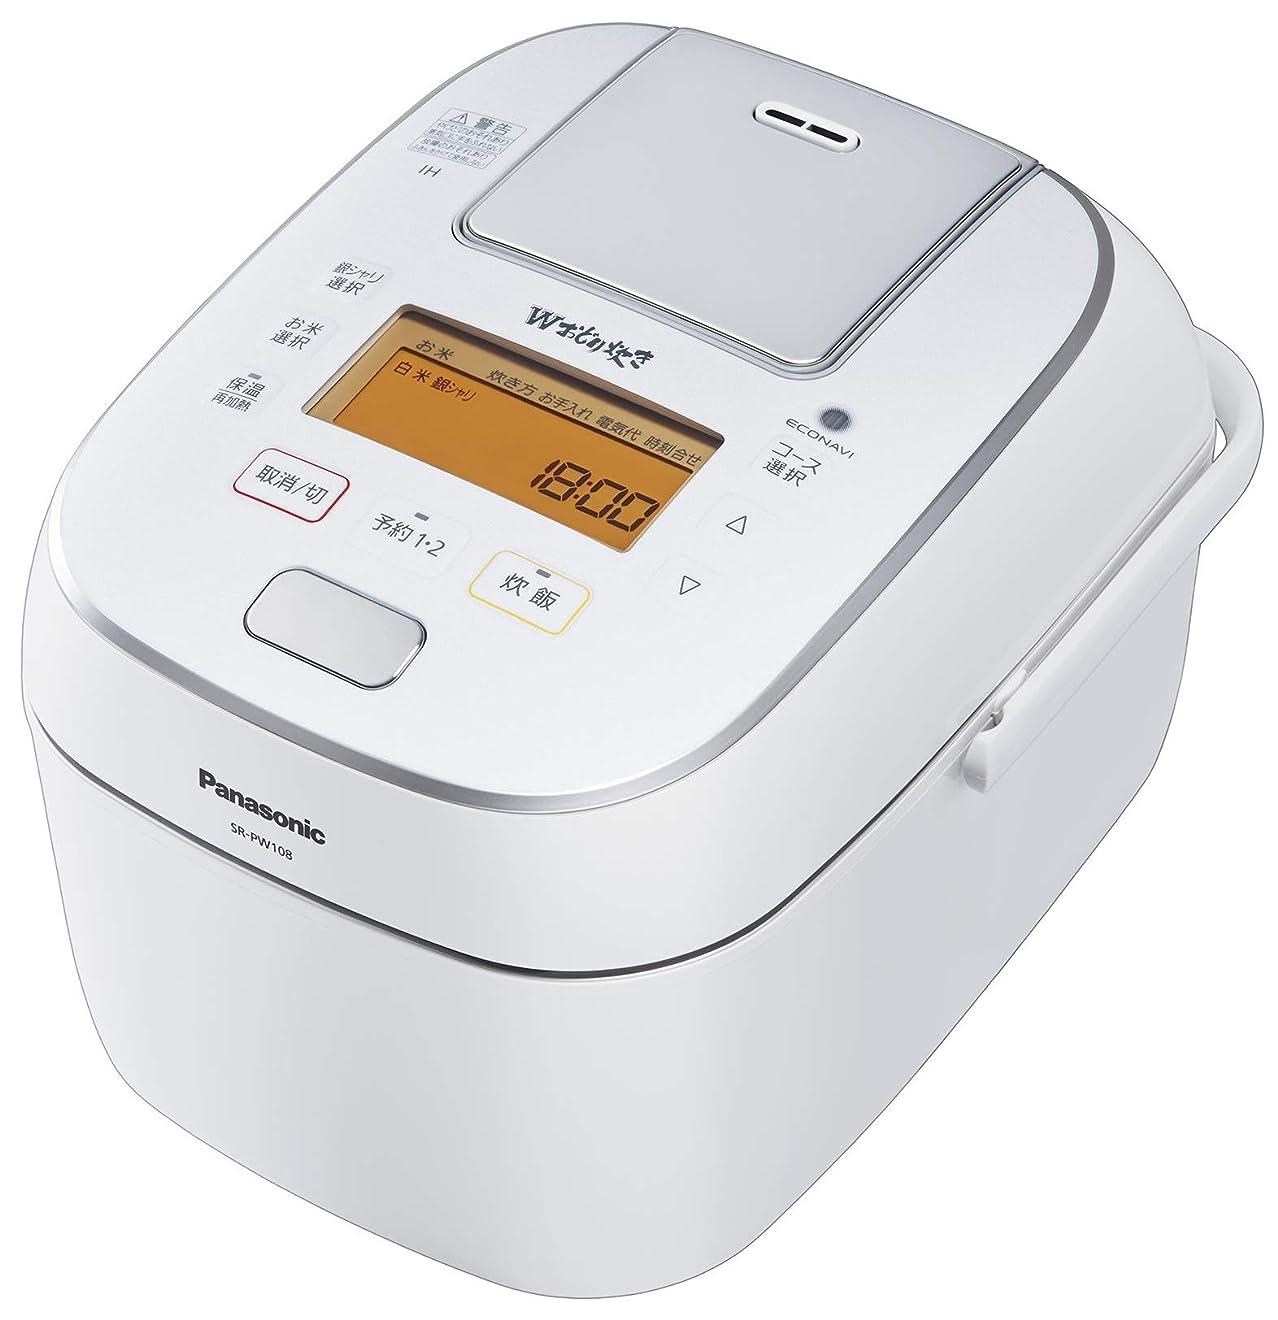 準拠ひまわり習熟度パナソニック 炊飯器 5.5合 圧力IH式 Wおどり炊き ホワイト SR-PW108-W